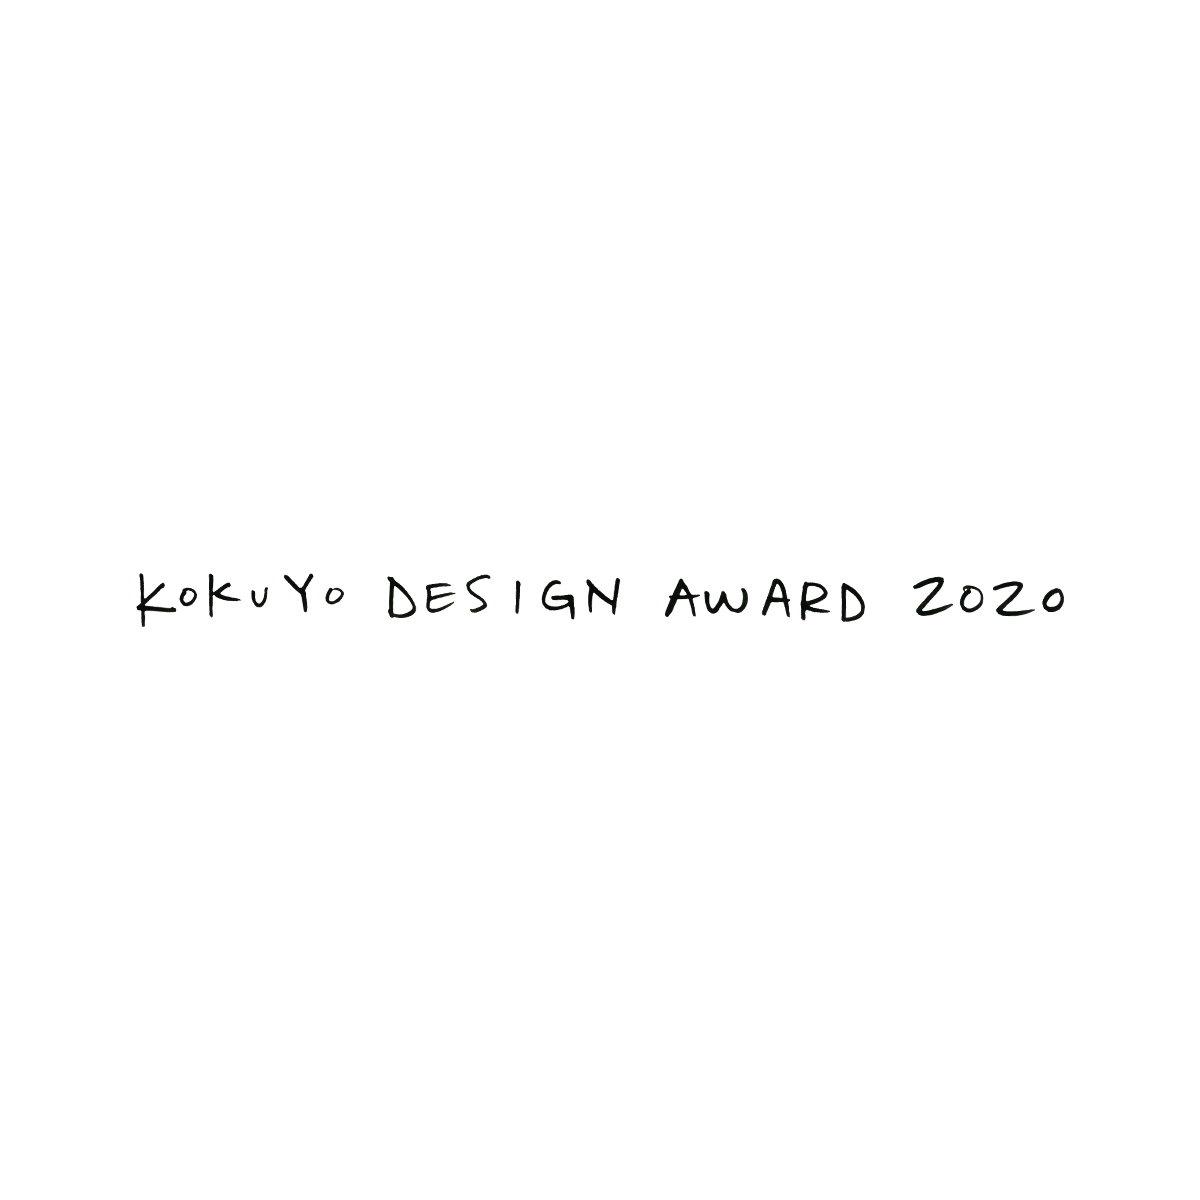 Kokuyo Design Award 2020